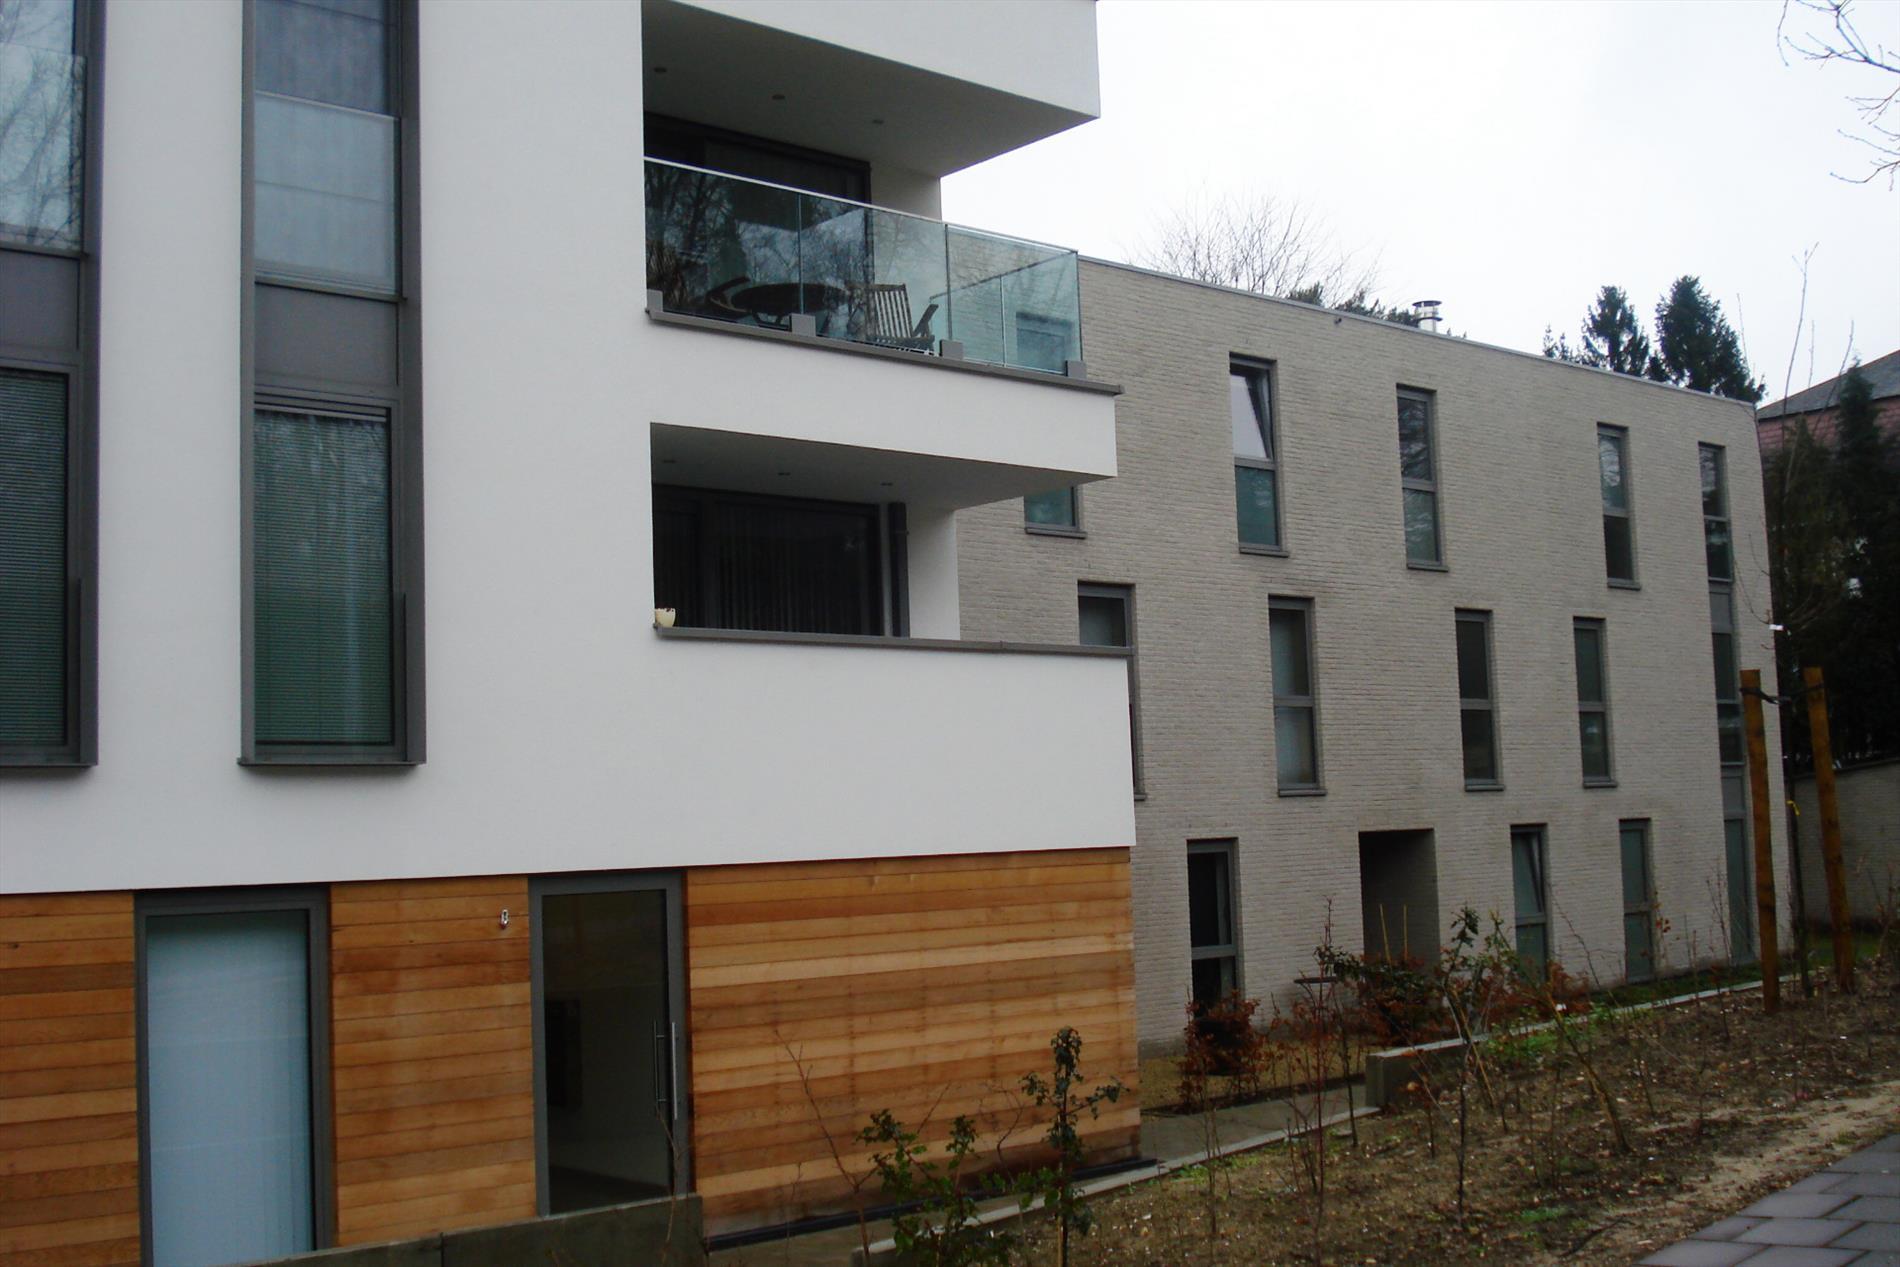 Winterslagstraat 81 Genk